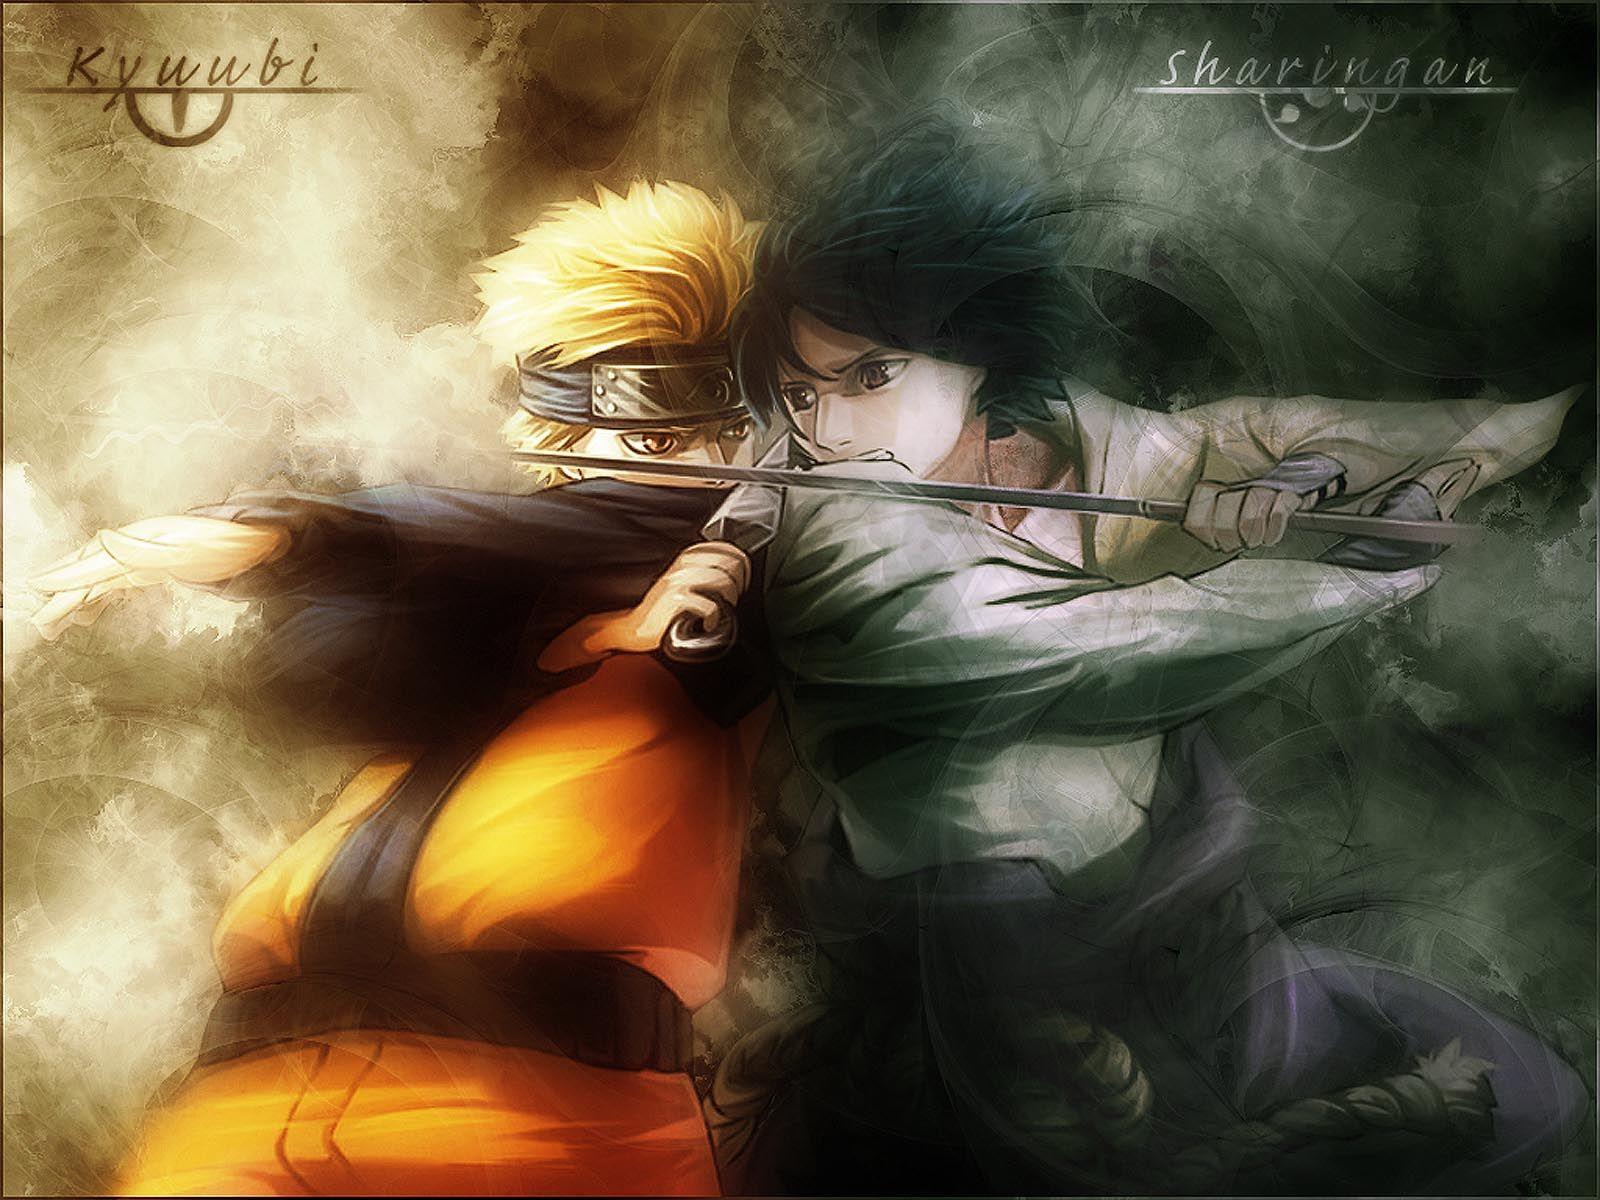 Naruto fondos de pantalla